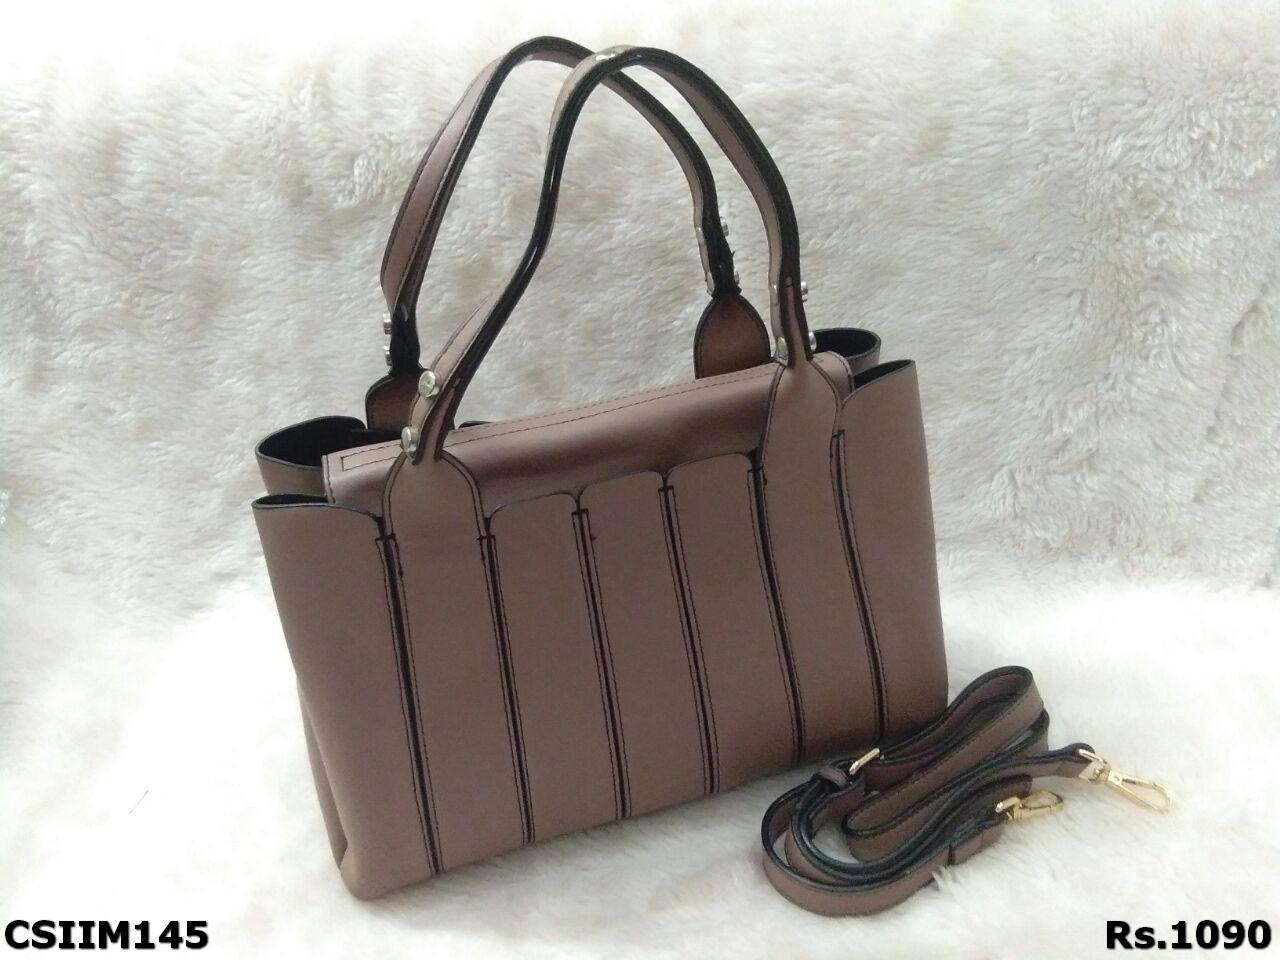 Stylish Imported Handbag